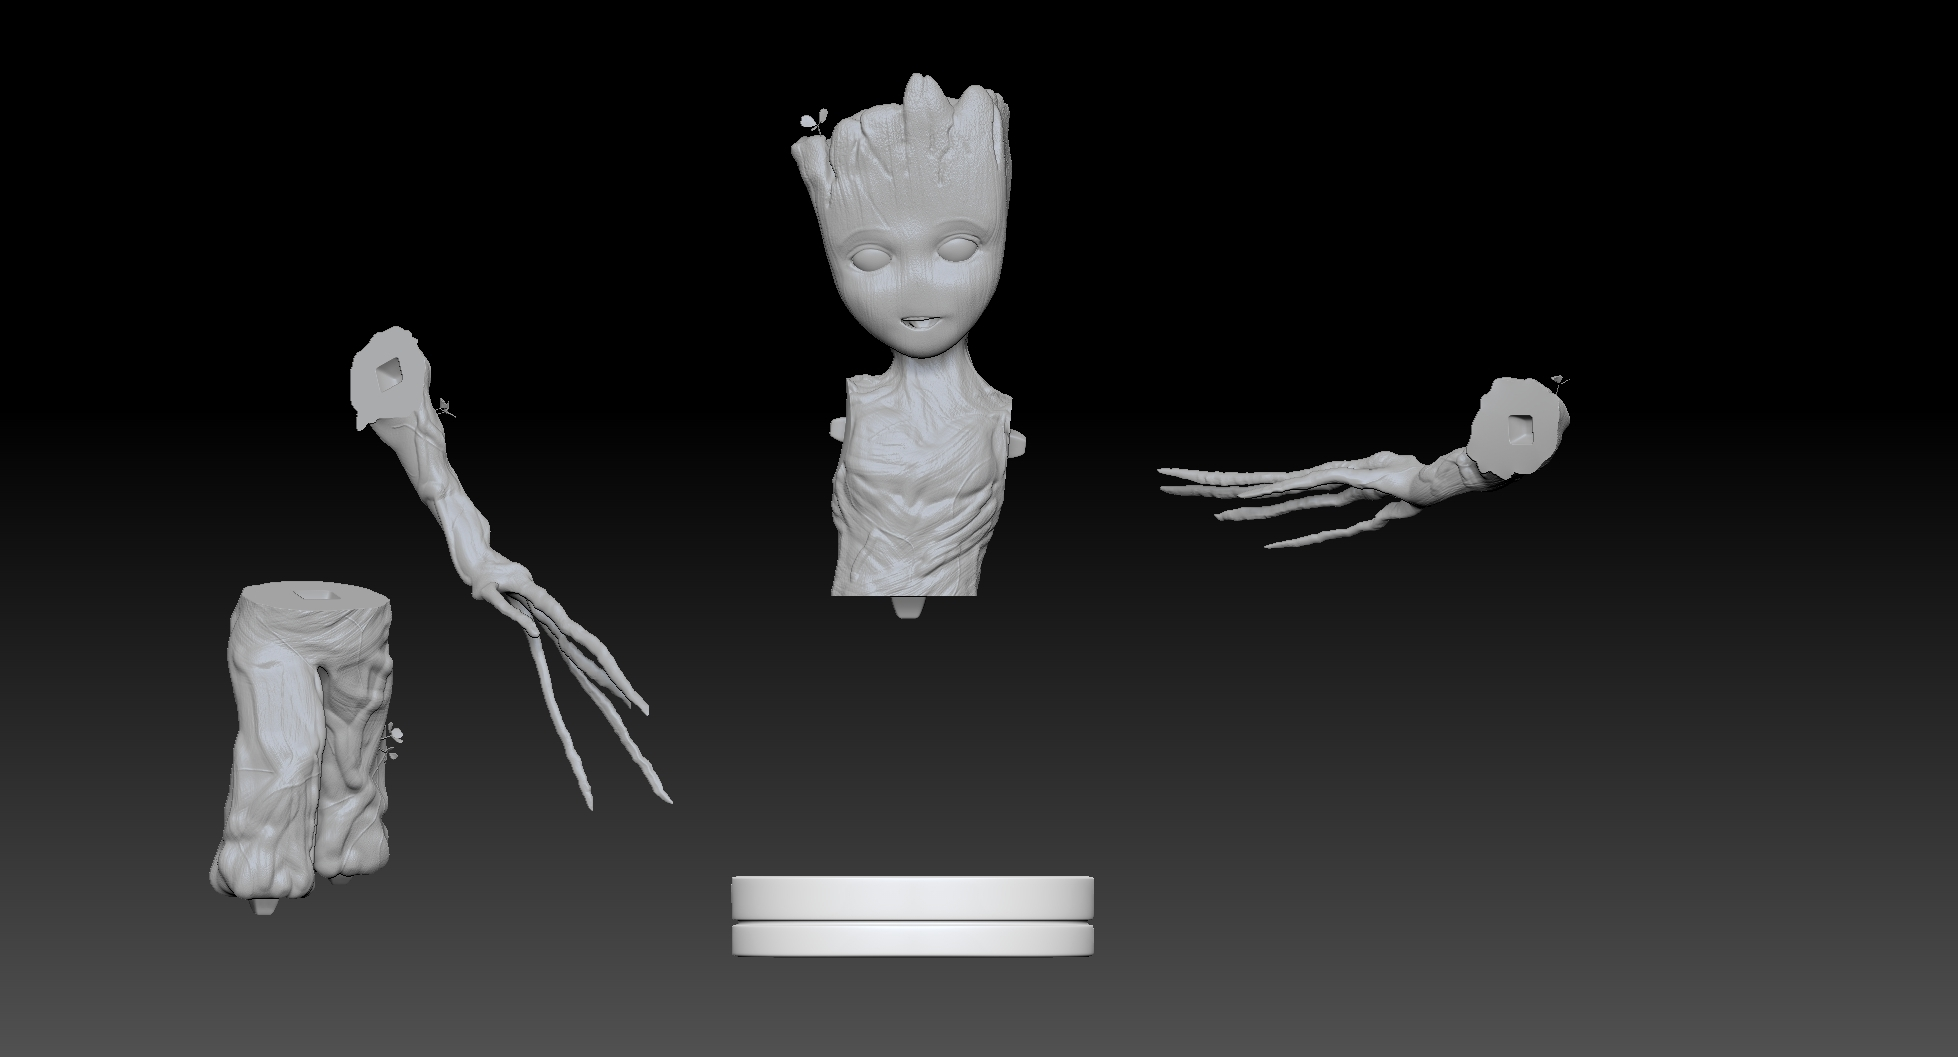 ZGrab02.jpg Download STL file baby groot 3d print • 3D printable template, felipepipe123